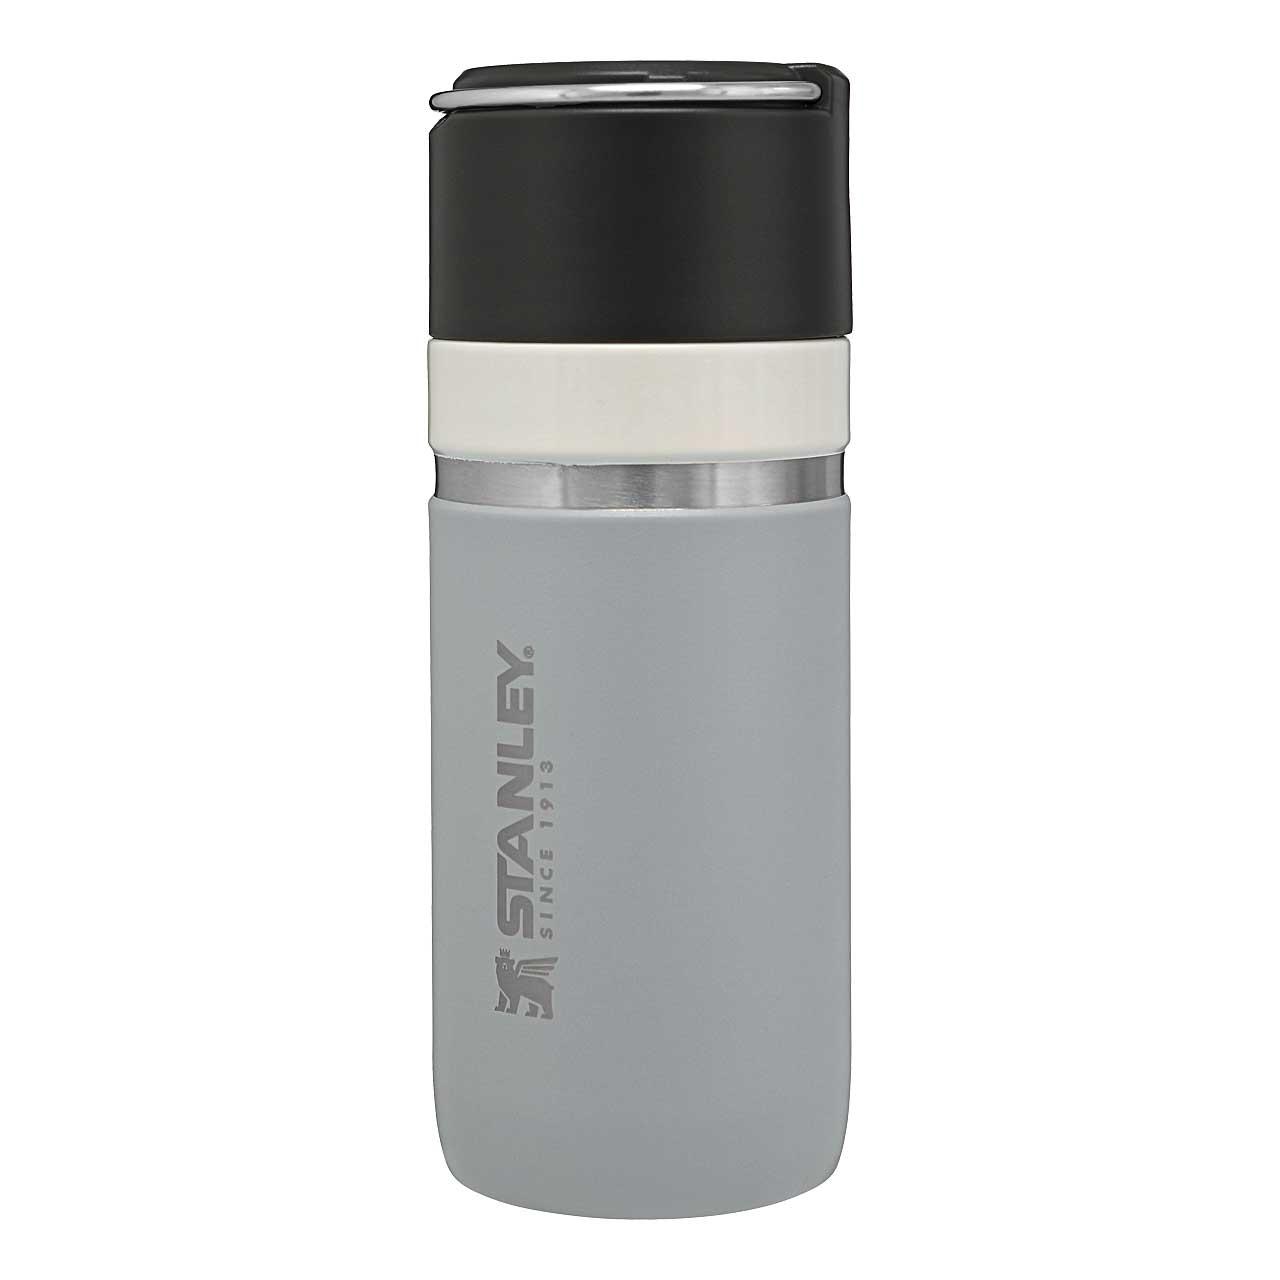 Go Series Vacuum Bottle Ceramivac 473 ml - Granite